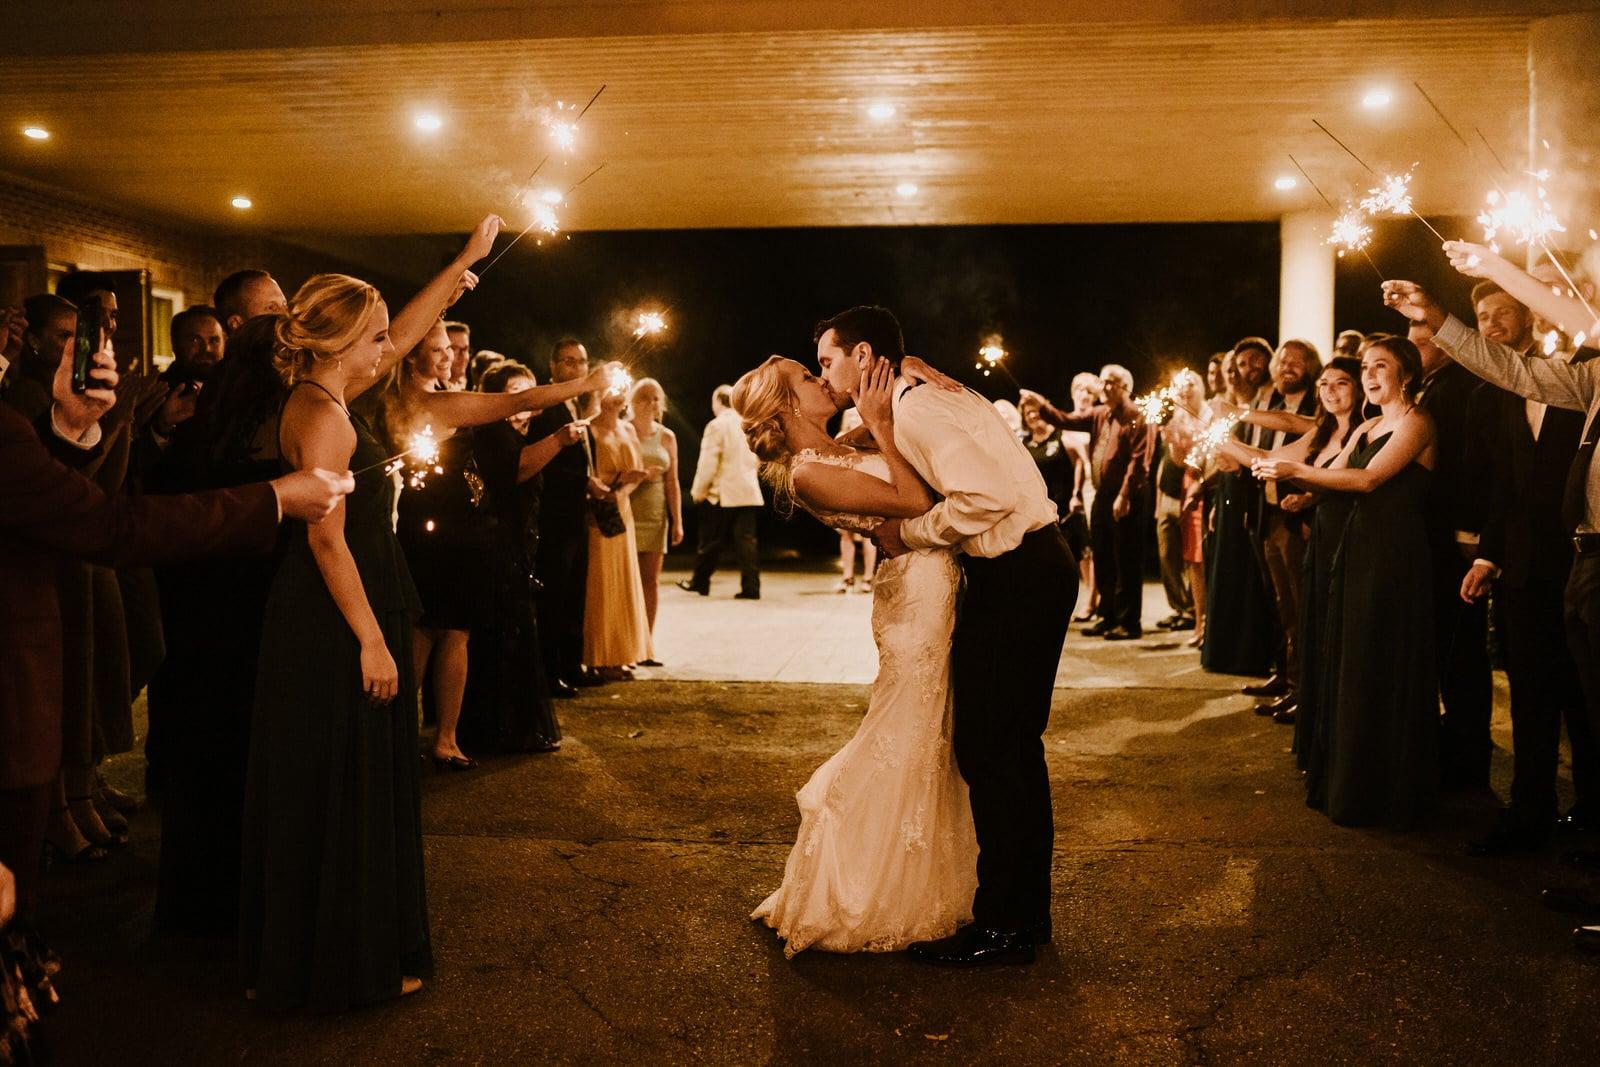 creative wedding exit ideas sparkler exiexit